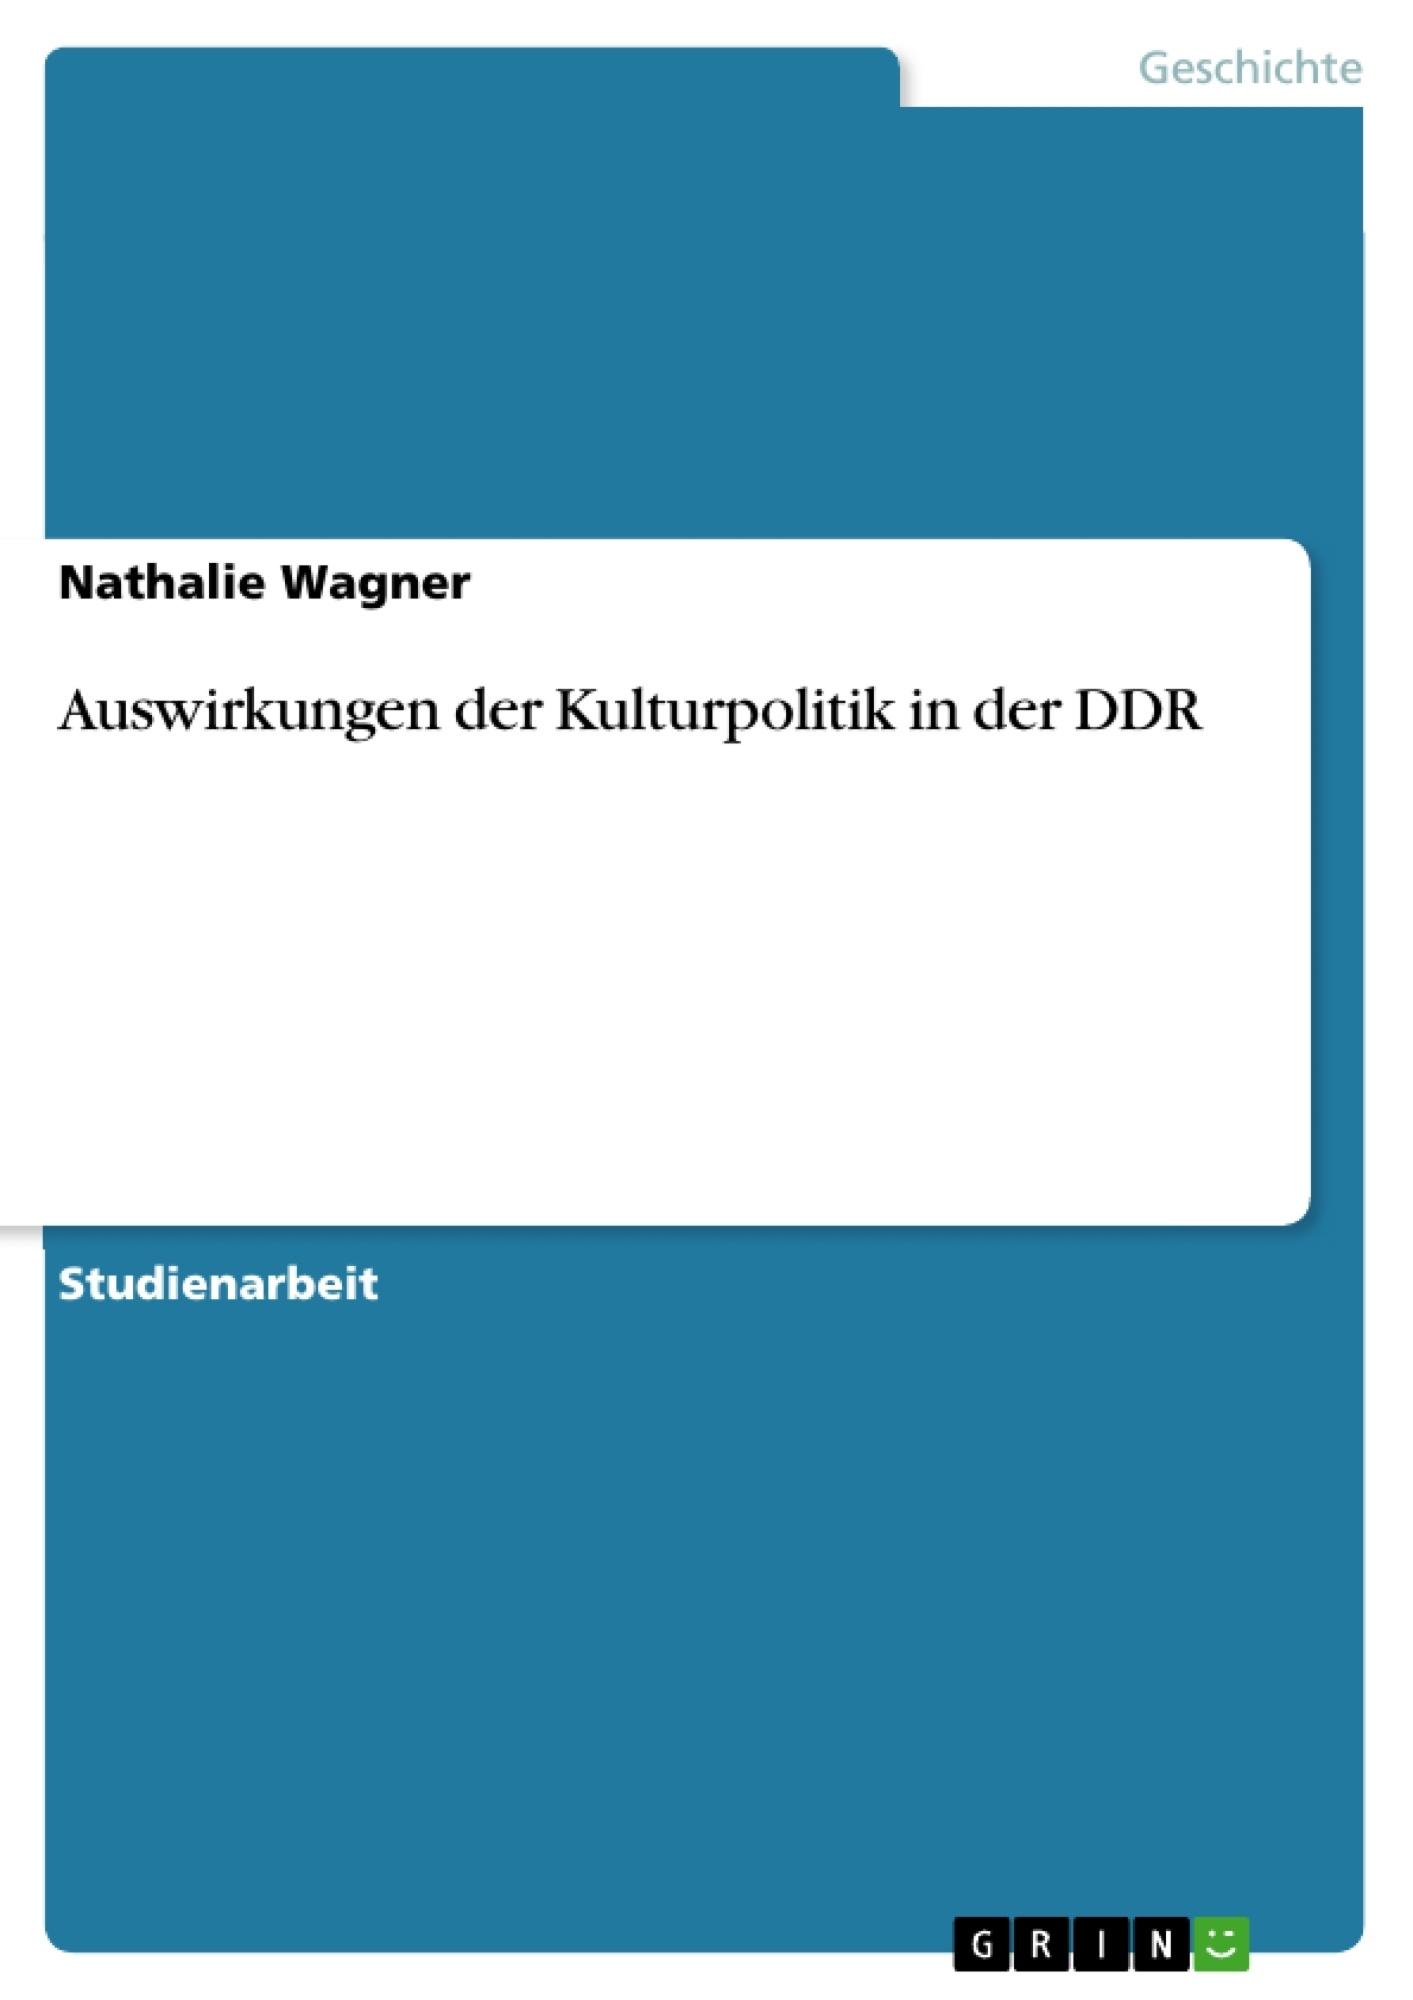 Titel: Auswirkungen der Kulturpolitik in der DDR